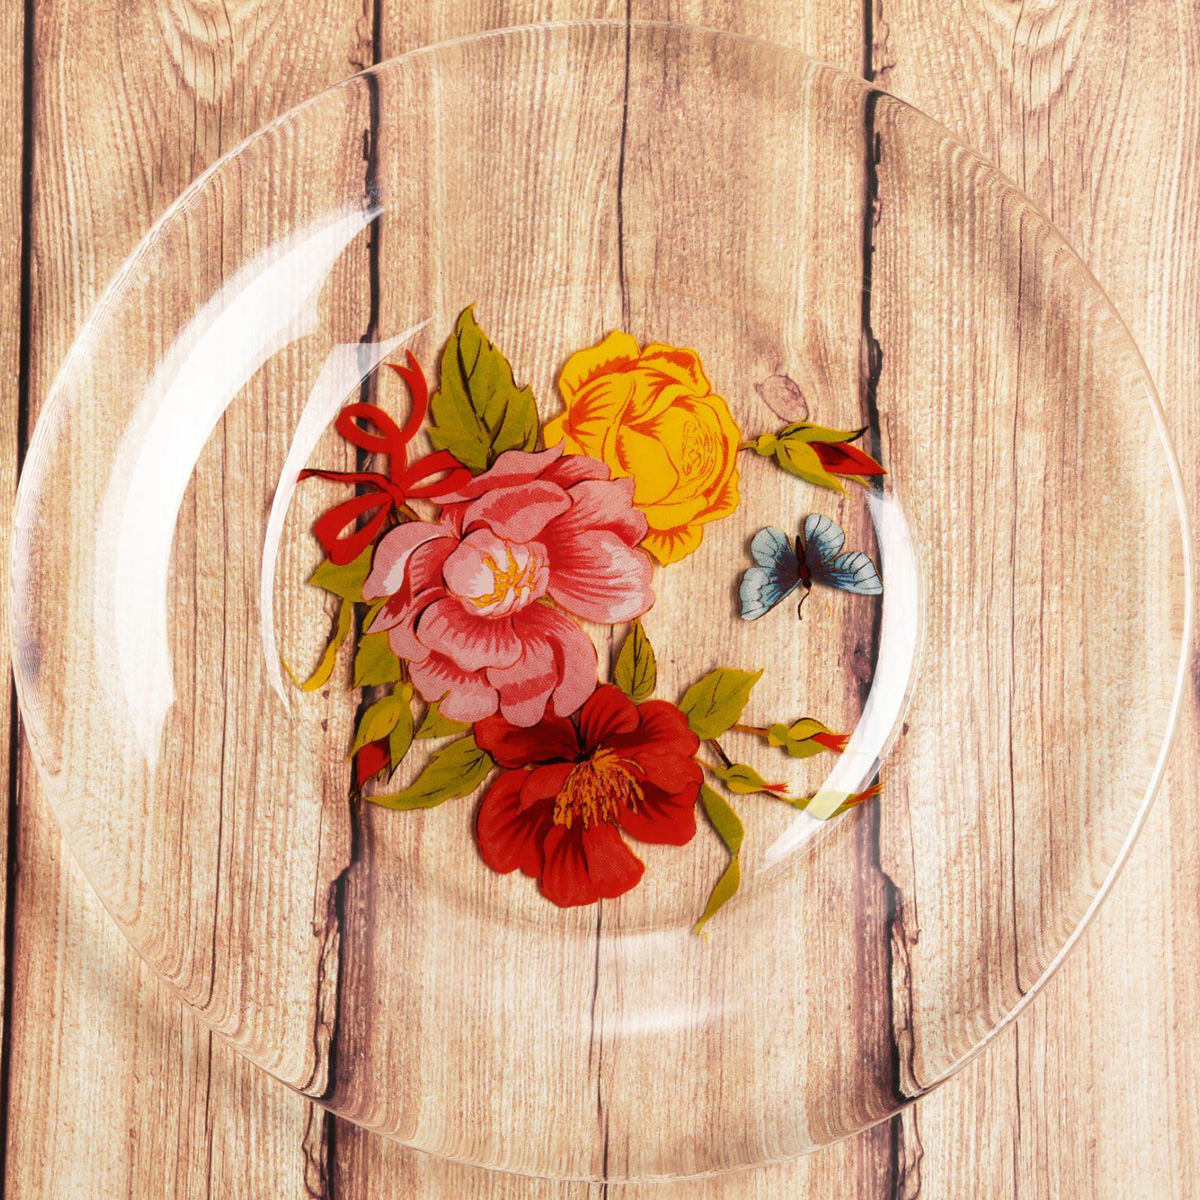 Красивая тарелка с рисунком дополнит праздничный стол, ведь прозрачное стекло выглядит элегантно и стильно.Предмет можно использовать в микроволновой печи и посудомоечной машине.При бережном обращении изделие будет радовать вас безукоризненным внешним видом долгие годы.